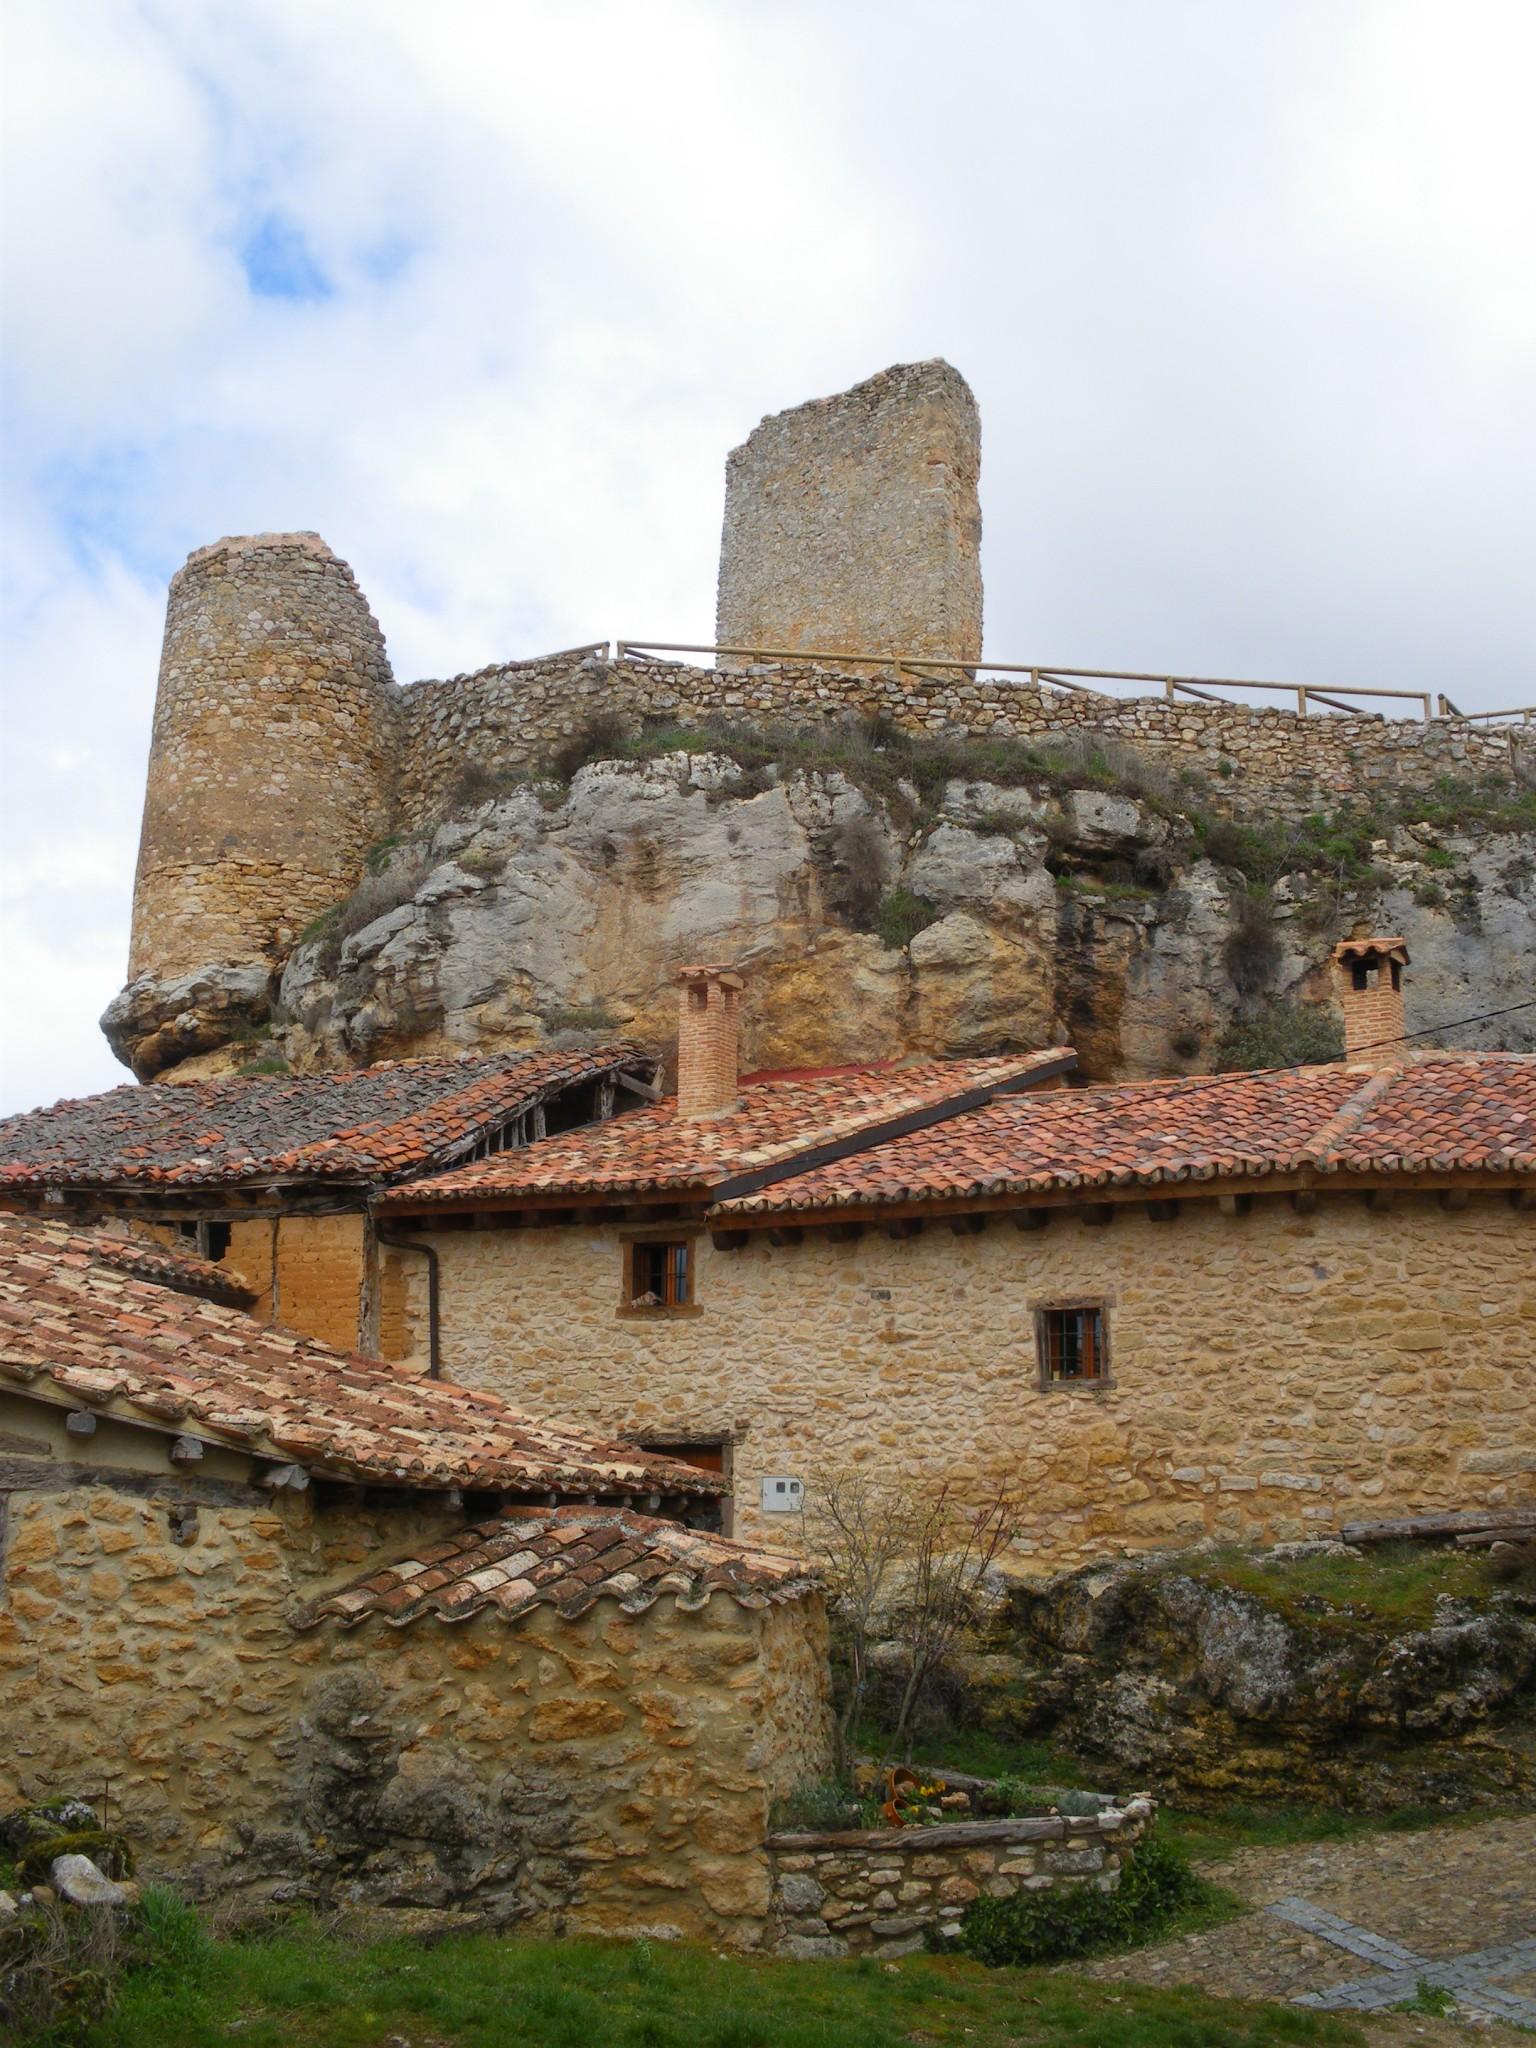 Castillo de Calatañazor, Soria, Castilla y León, arte románico